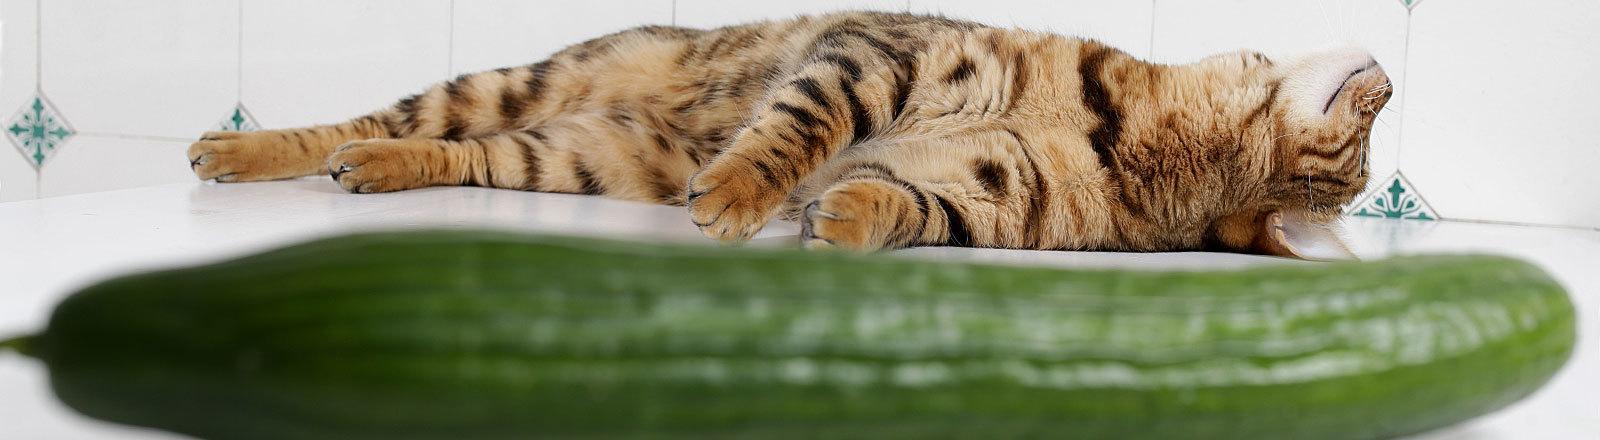 Kätzchen liegt ausgestreckt hinter einer Salatgurke